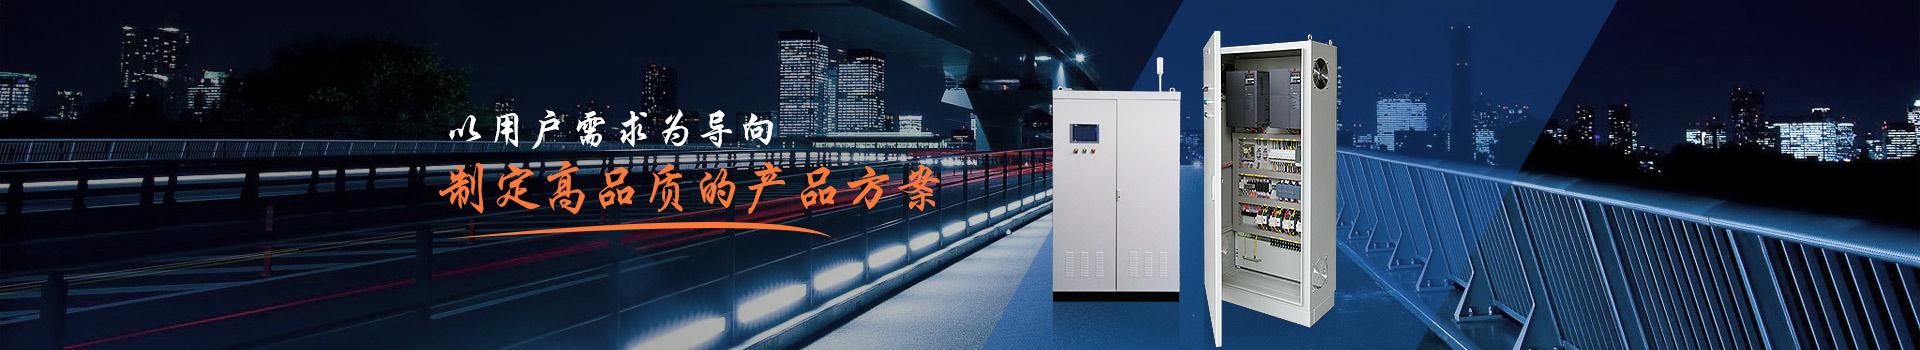 华普拓与国内外品牌元器件厂家长期合作